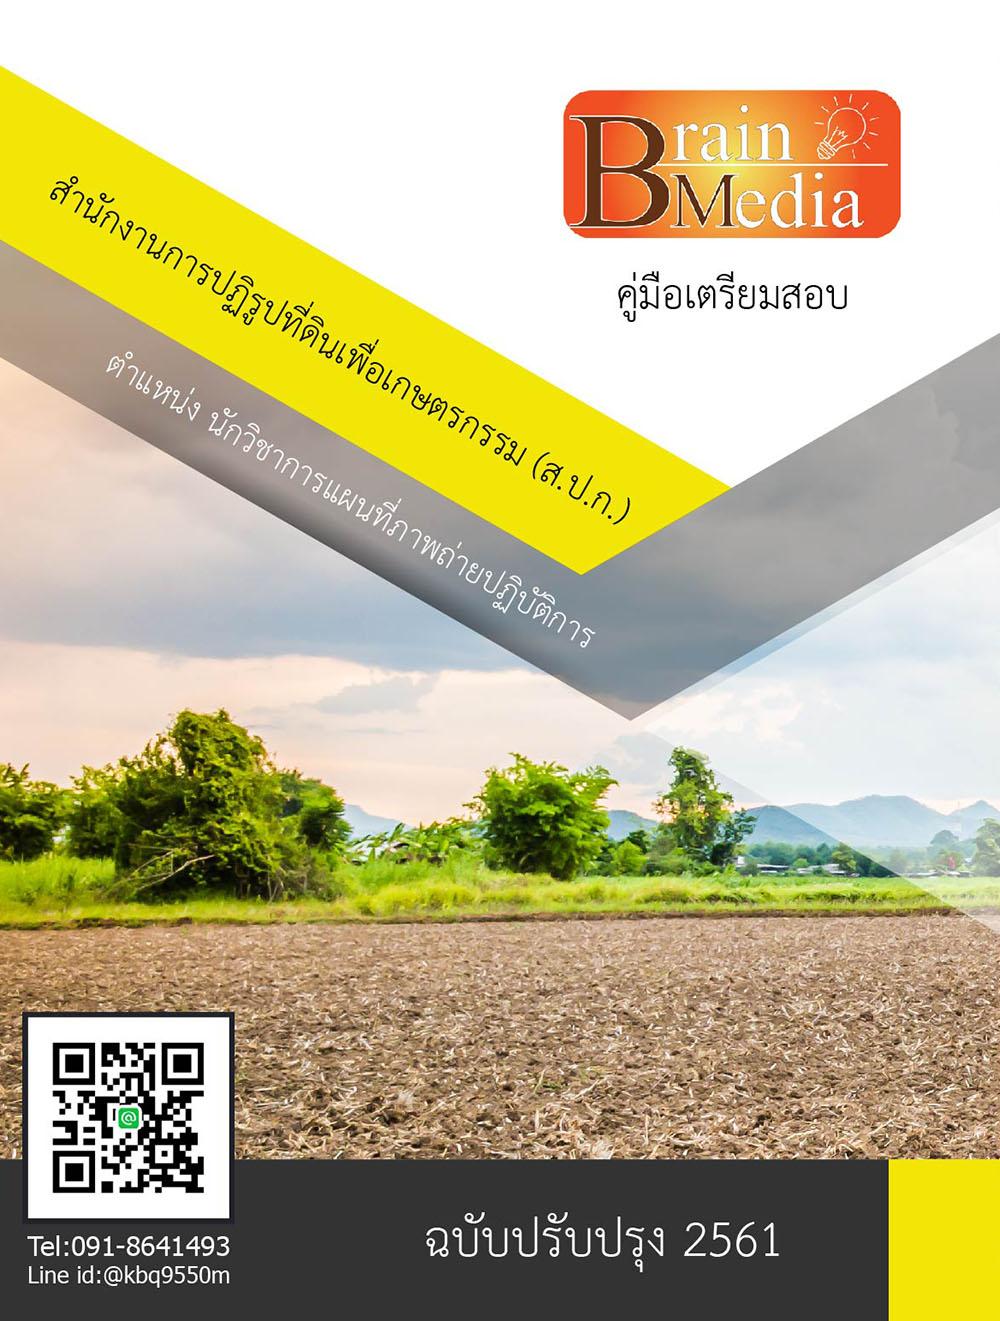 โหลดแนวข้อสอบ นักวิชาการแผนที่ภาพถ่ายปฏิบัติการ สำนักงานการปฏิรูปที่ดินเพื่อเกษตรกรรม (ส.ป.ก.)